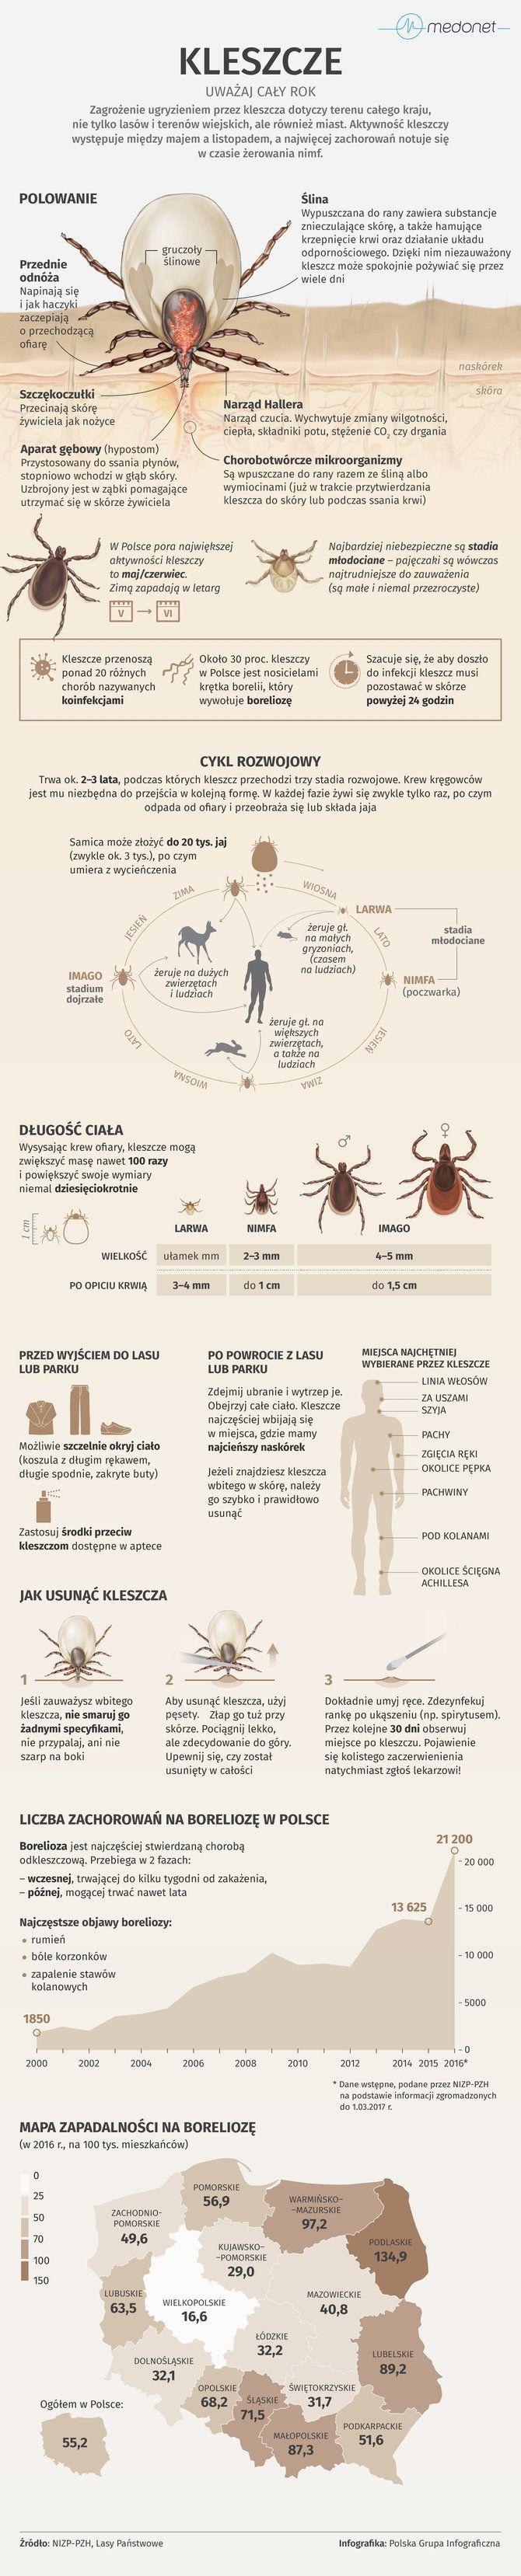 Wraz z nadejściem cieplejszych dni do życia budzą się kleszcze. Te nieduże pajęczaki żerują głównie na kręgowcach i od marca do listopada stanowią poważne zagrożenie. Mimo że samo ugryzienie kleszcza jest bezbolesne to może się ono skończyć kleszczowym zapaleniem mózgu czy boreliozą. Sprawdź, jak się przed nimi chronić, gdzie gryzą najczęściej i jak bezpiecznie pozbyć się intruza.